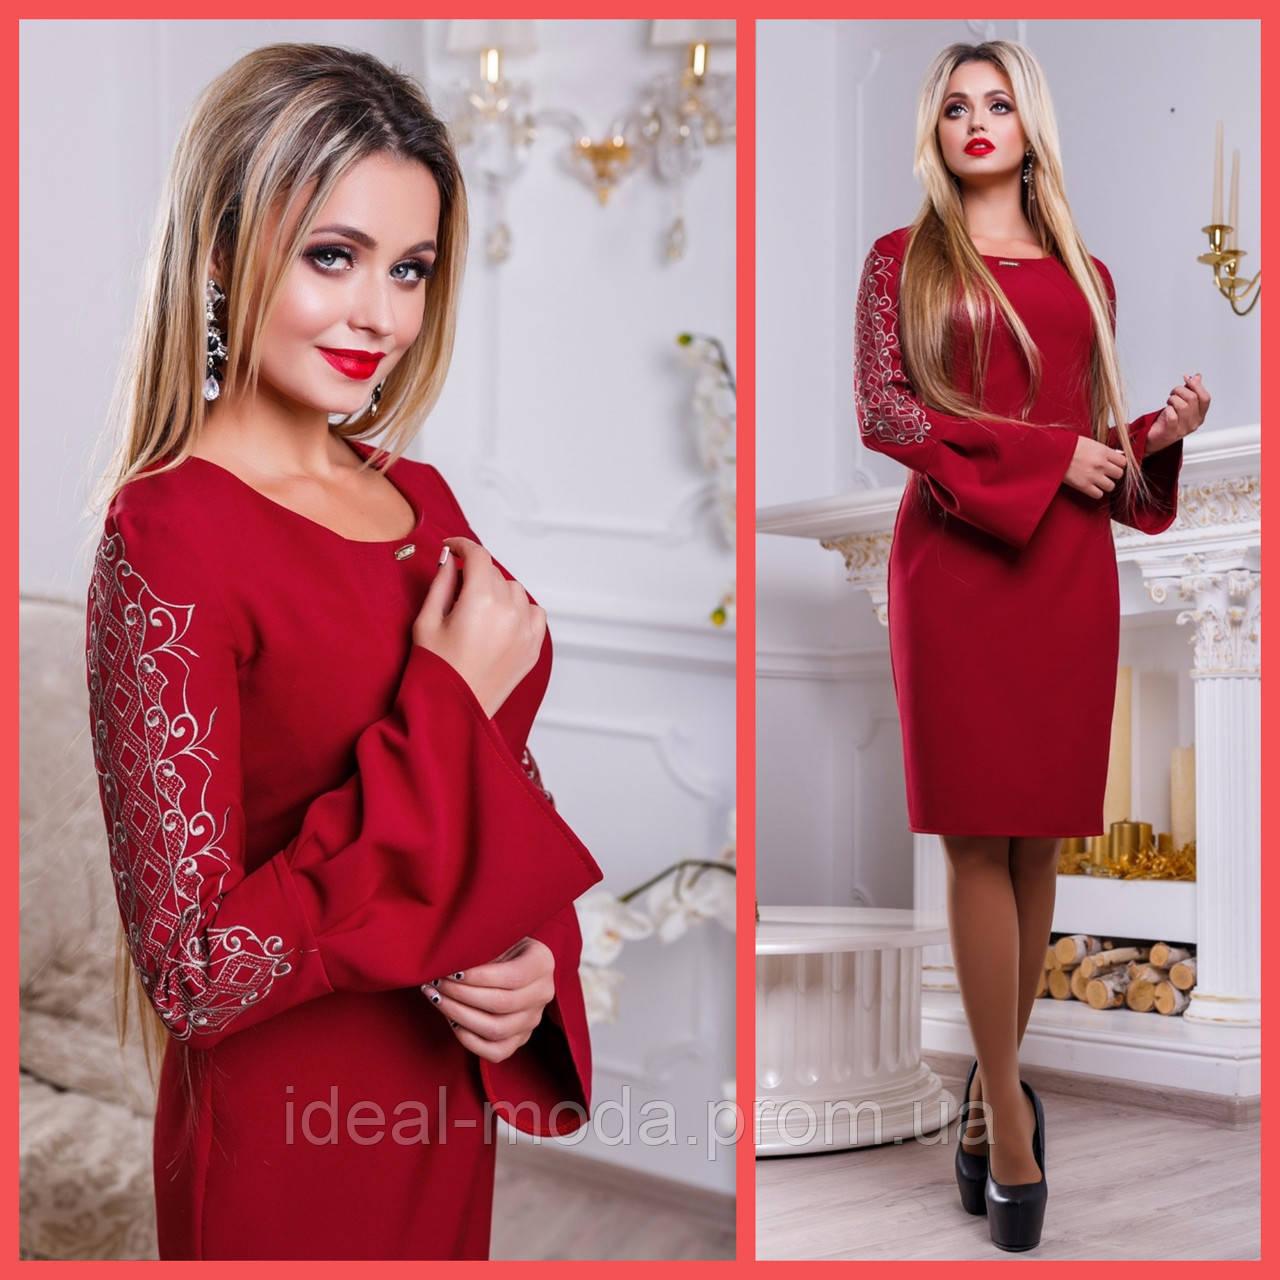 70622fd03850 Нарядные платье с вышивкой Eks083